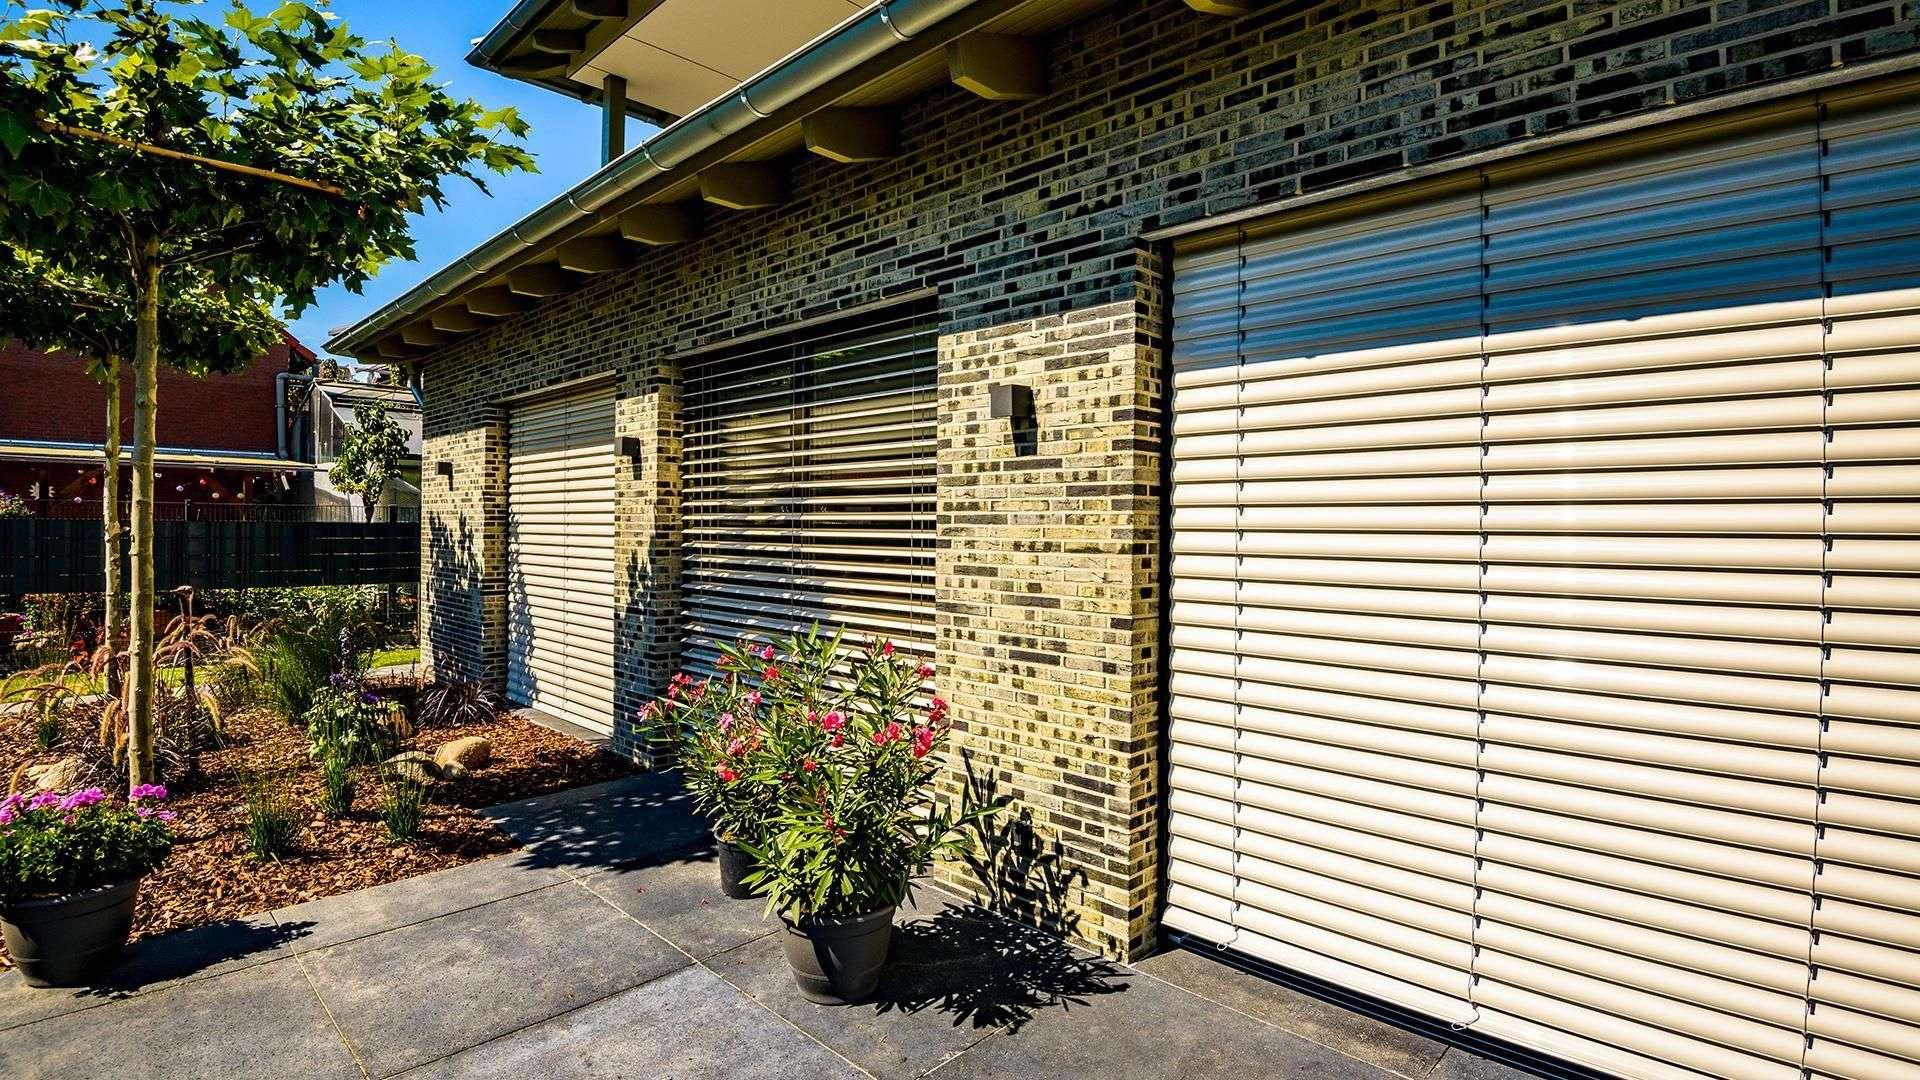 Wohnhaus mit Sonnenschutz-Rollos vor den bodentiefen Fenstern